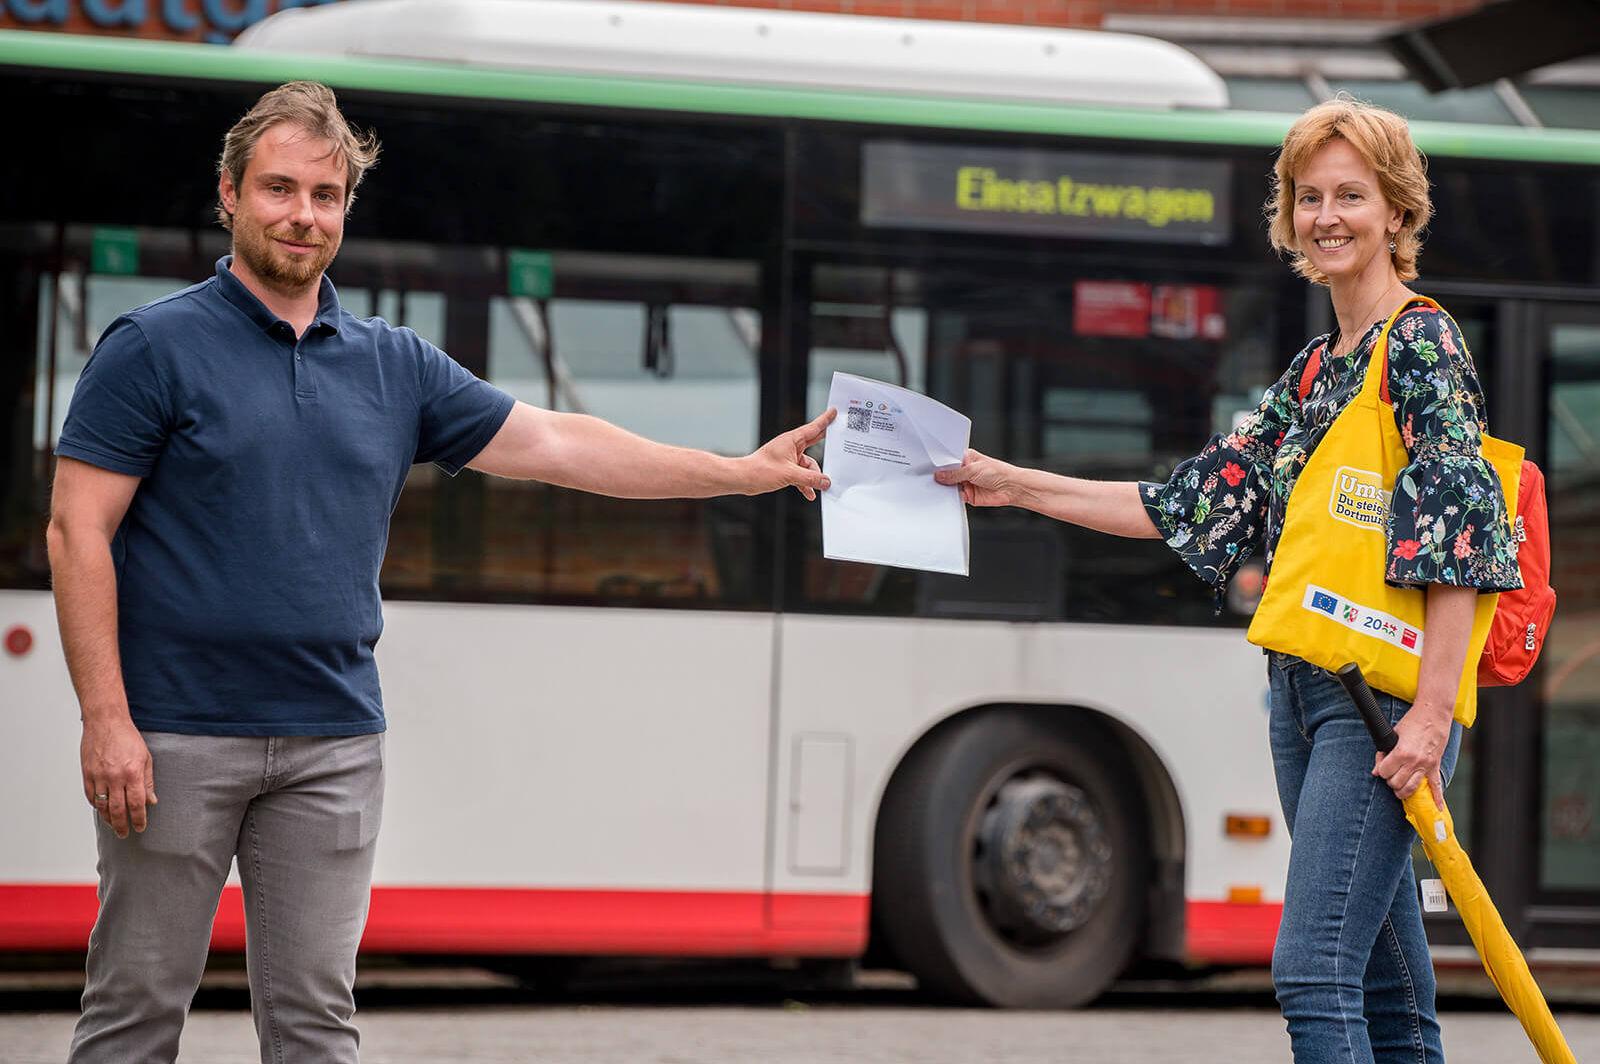 Zwei Personen stehen vor einem Bus und halten zwischen sich gemeinsam einen Ticket, in Form eines DIN A4 Zettels, für den ÖPNV hoch.